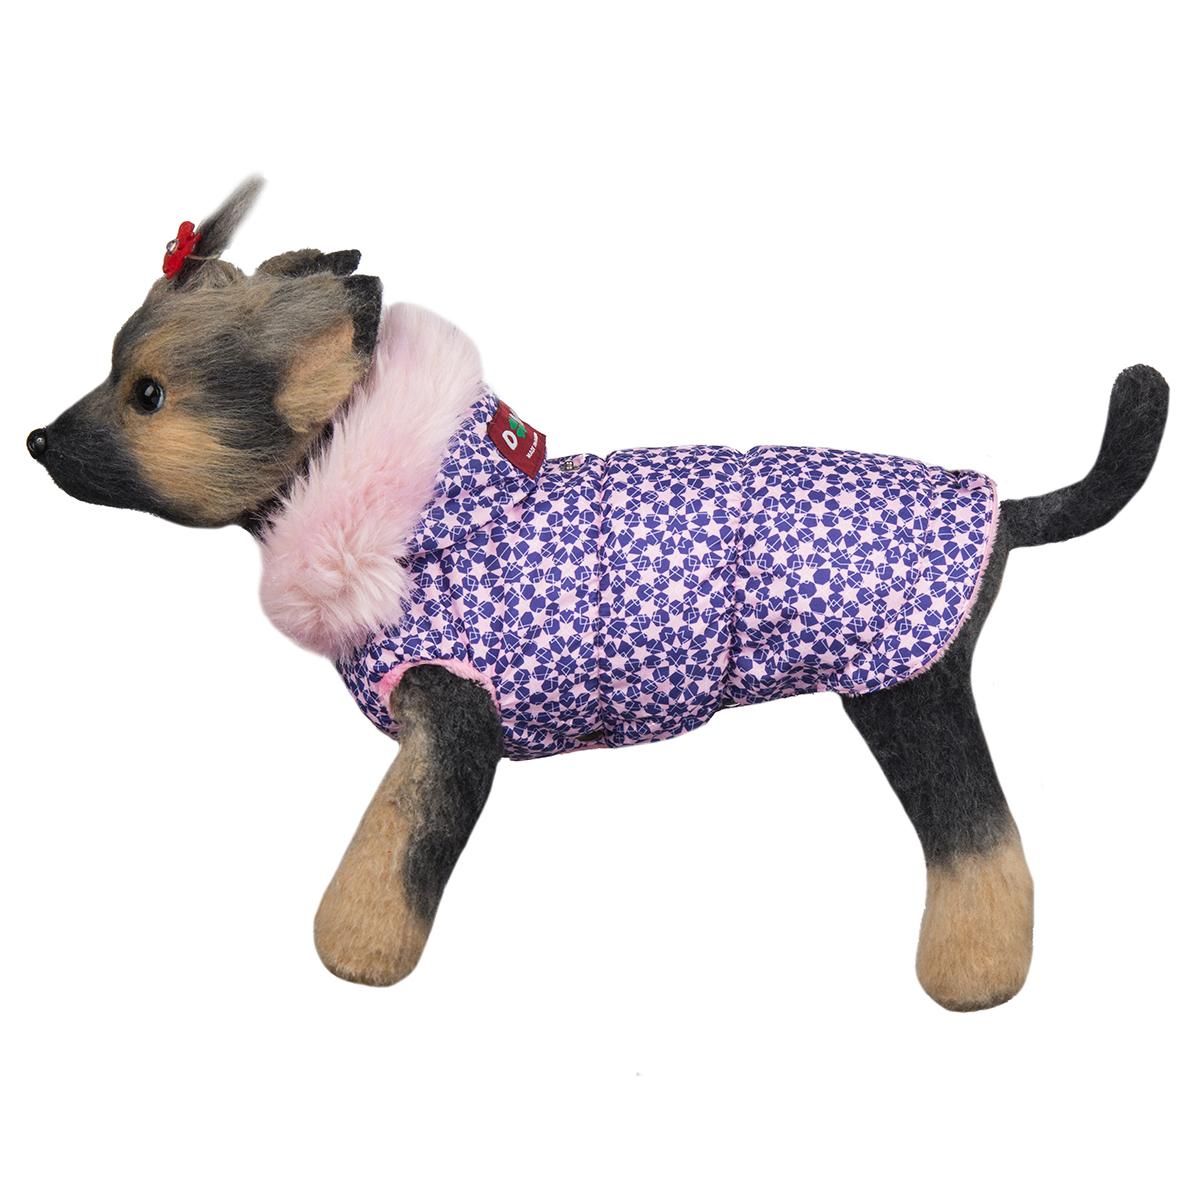 Куртка для собак Dogmoda Аляска, для девочки. Размер 3 (L)DM-160290-3Куртка для собак Dogmoda Аляска изготовлена из полиэстера водоотталкивающего типа. Для подкладки был использован синтепон и искусственный мех. Изделие легко одевается и снимается, не доставляя неприятных минут хозяину и его питомцу. Технология пошива аляски не стесняет движений и позволяет весело бегать наперегонки с четвероногими друзьями. Непрерывный теплообмен обеспечивает сохранение свежести кожного покрова, который у маленьких собачек особенно чувствителен и уязвим. Светлые, мягкие и яркие тона аляски будут гармонировать с веселостью и подвижностью домашнего любимца на прогулке. Одежда надежно защитит собачку от пронизывающей зимней стужи и позволит от души наслаждаться свежим снегом и длительным пребыванием на прогулке в морозный день.